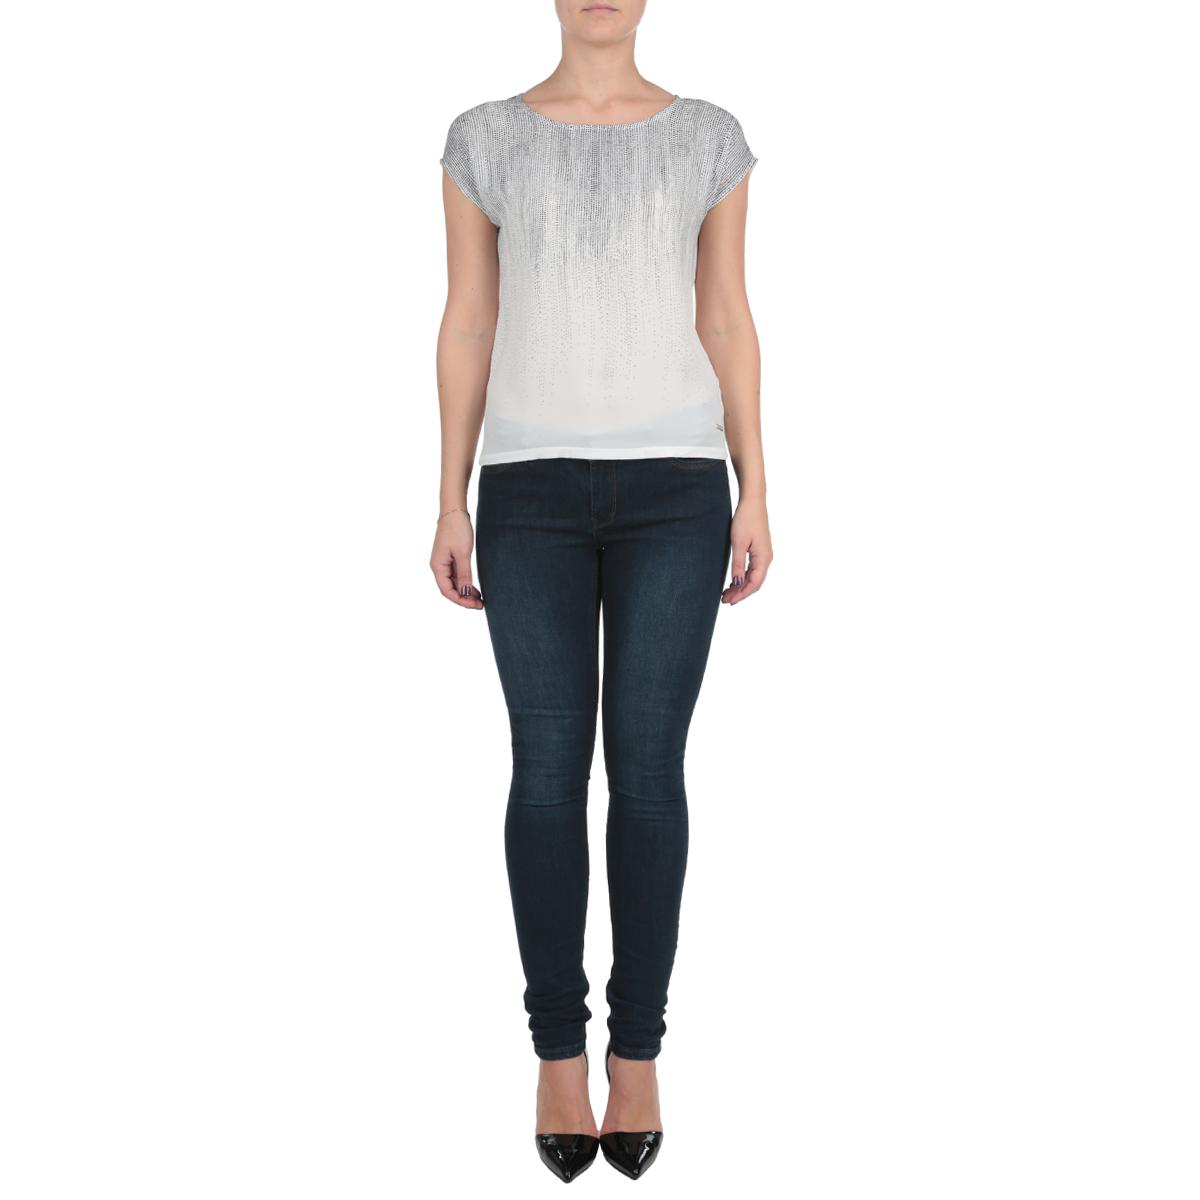 Блузка женская. SPO2617BISPO2617BIОригинальная женская блузка Top Secret выполнена в современном городском стиле. Модель, изготовленная из высококачественного мягкого полиэстера с небольшим добавлением вискозы, не сковывает движения и позволяет коже дышать, обеспечивая наибольший комфорт. Блузка оформлена принтом горох, модель с круглым вырезом горловины и короткими рукавами-кимоно. Идеальный вариант для тех, кто ценит комфорт и качество.